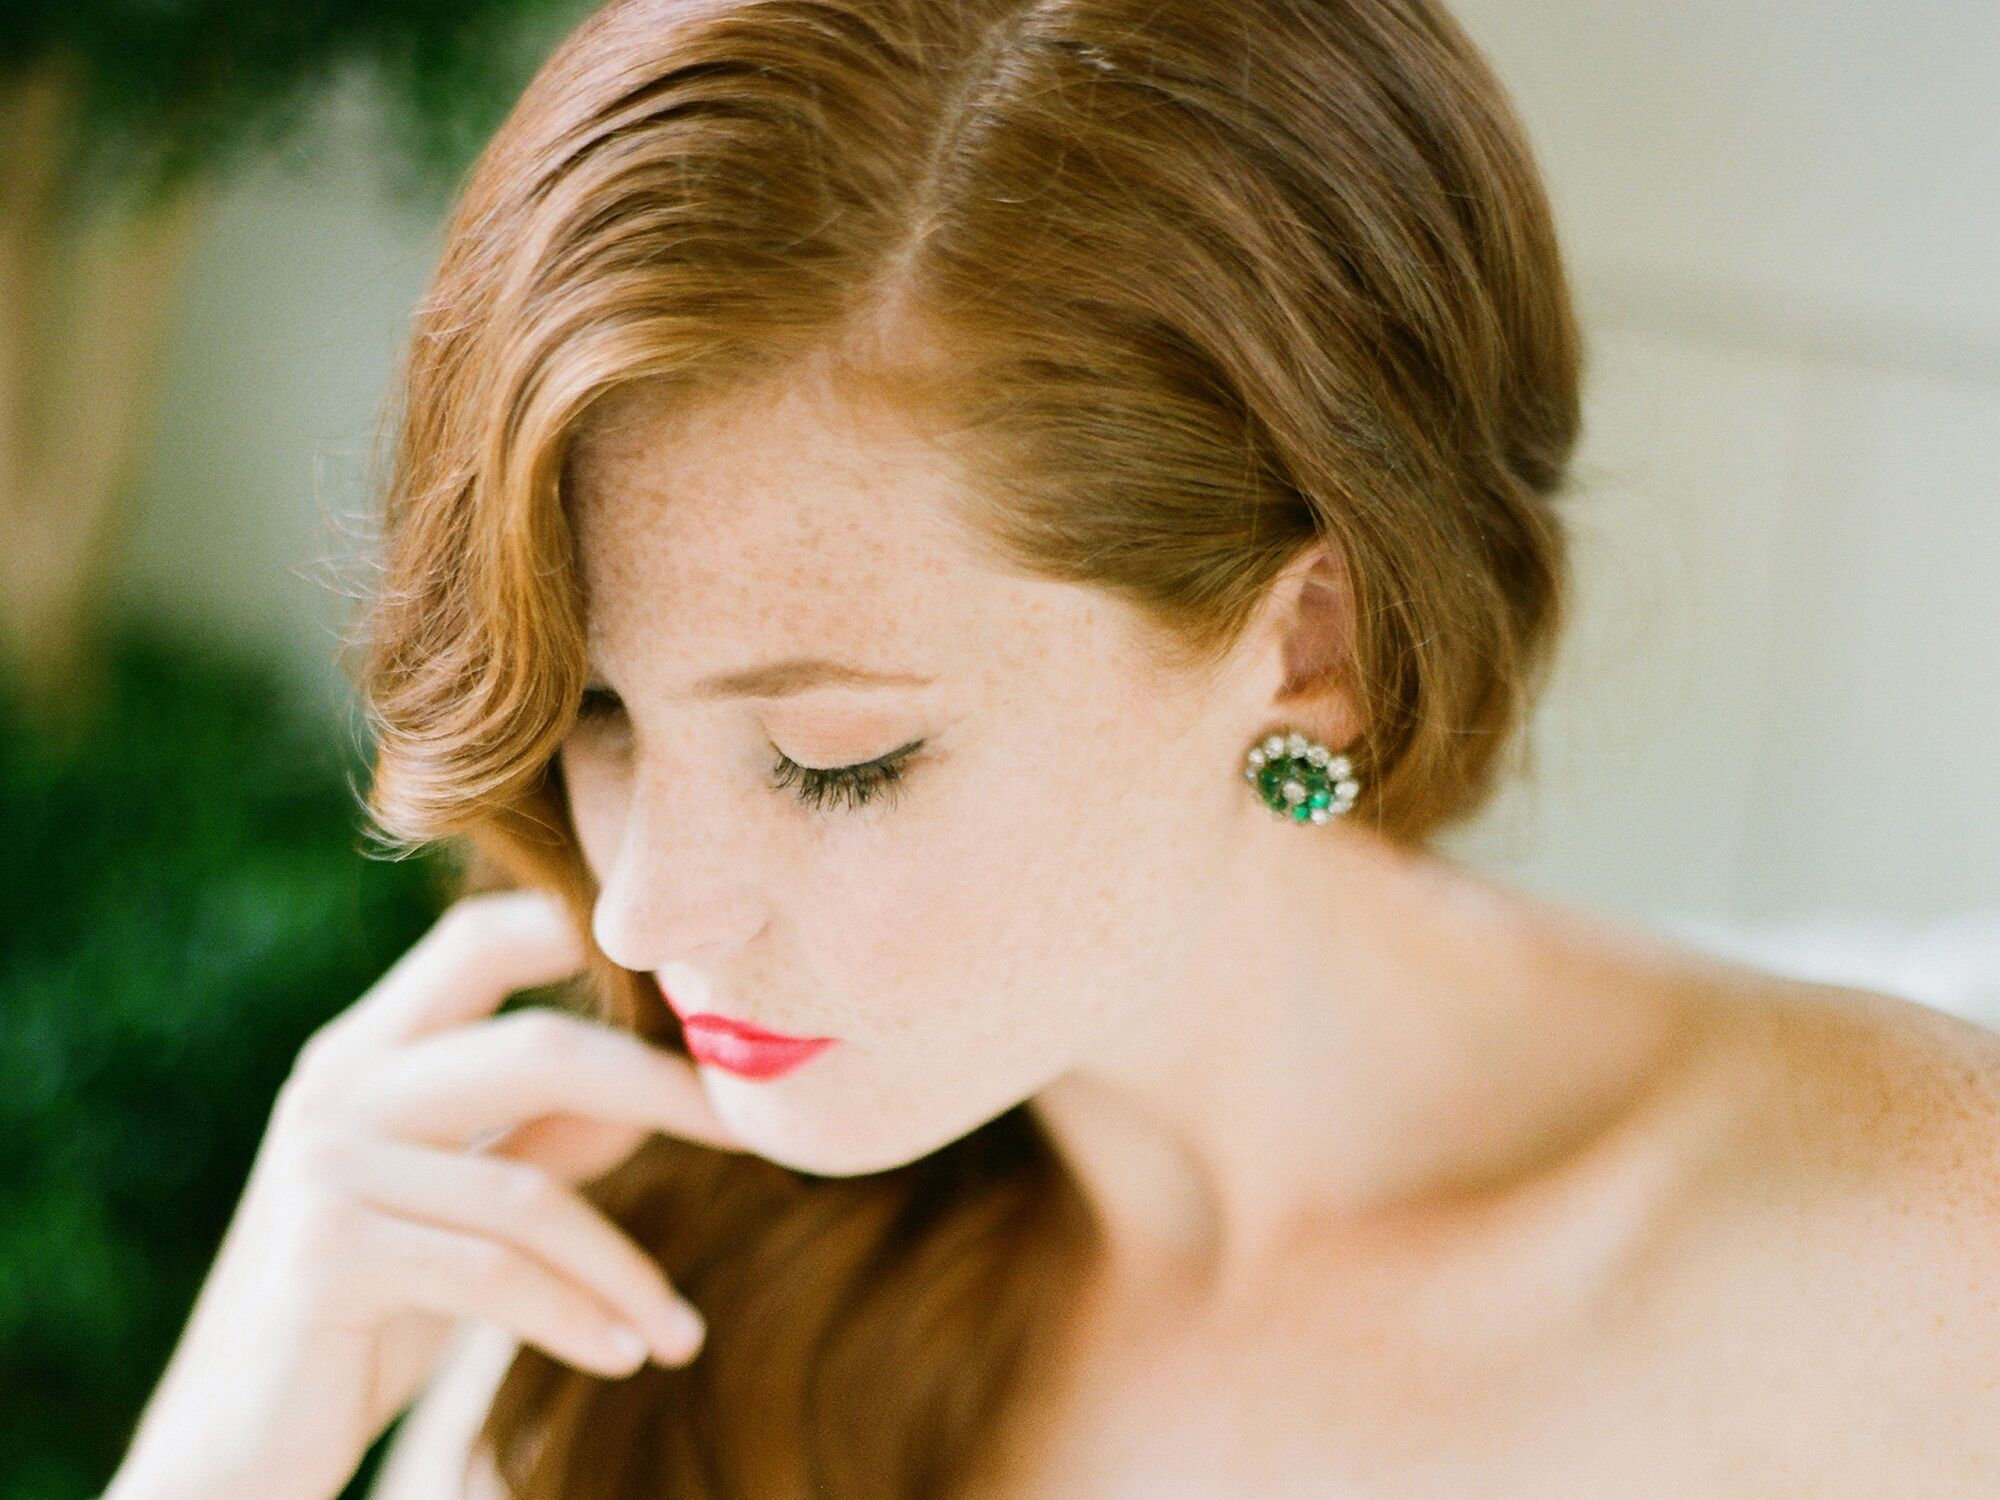 Beautiful Bride In Lingerie Is Wearing A Wedding Dress Stock